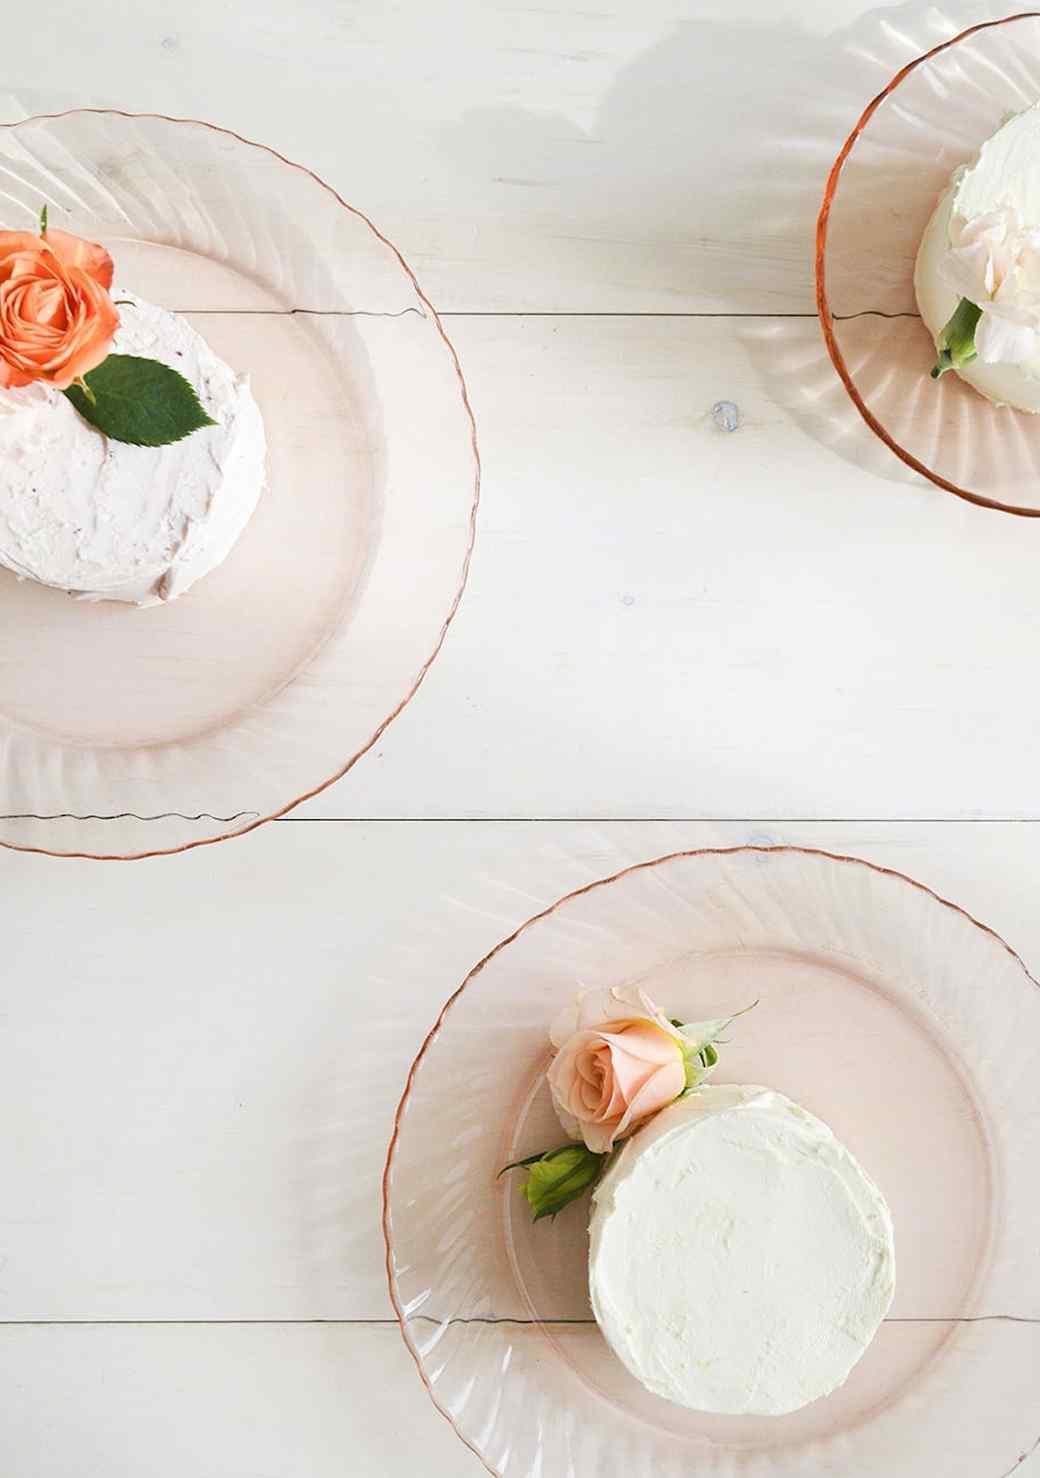 localcreative-marthastewart-valentines-lael-cake-flowers-gift-4--1-.jpg (skyword:225921)